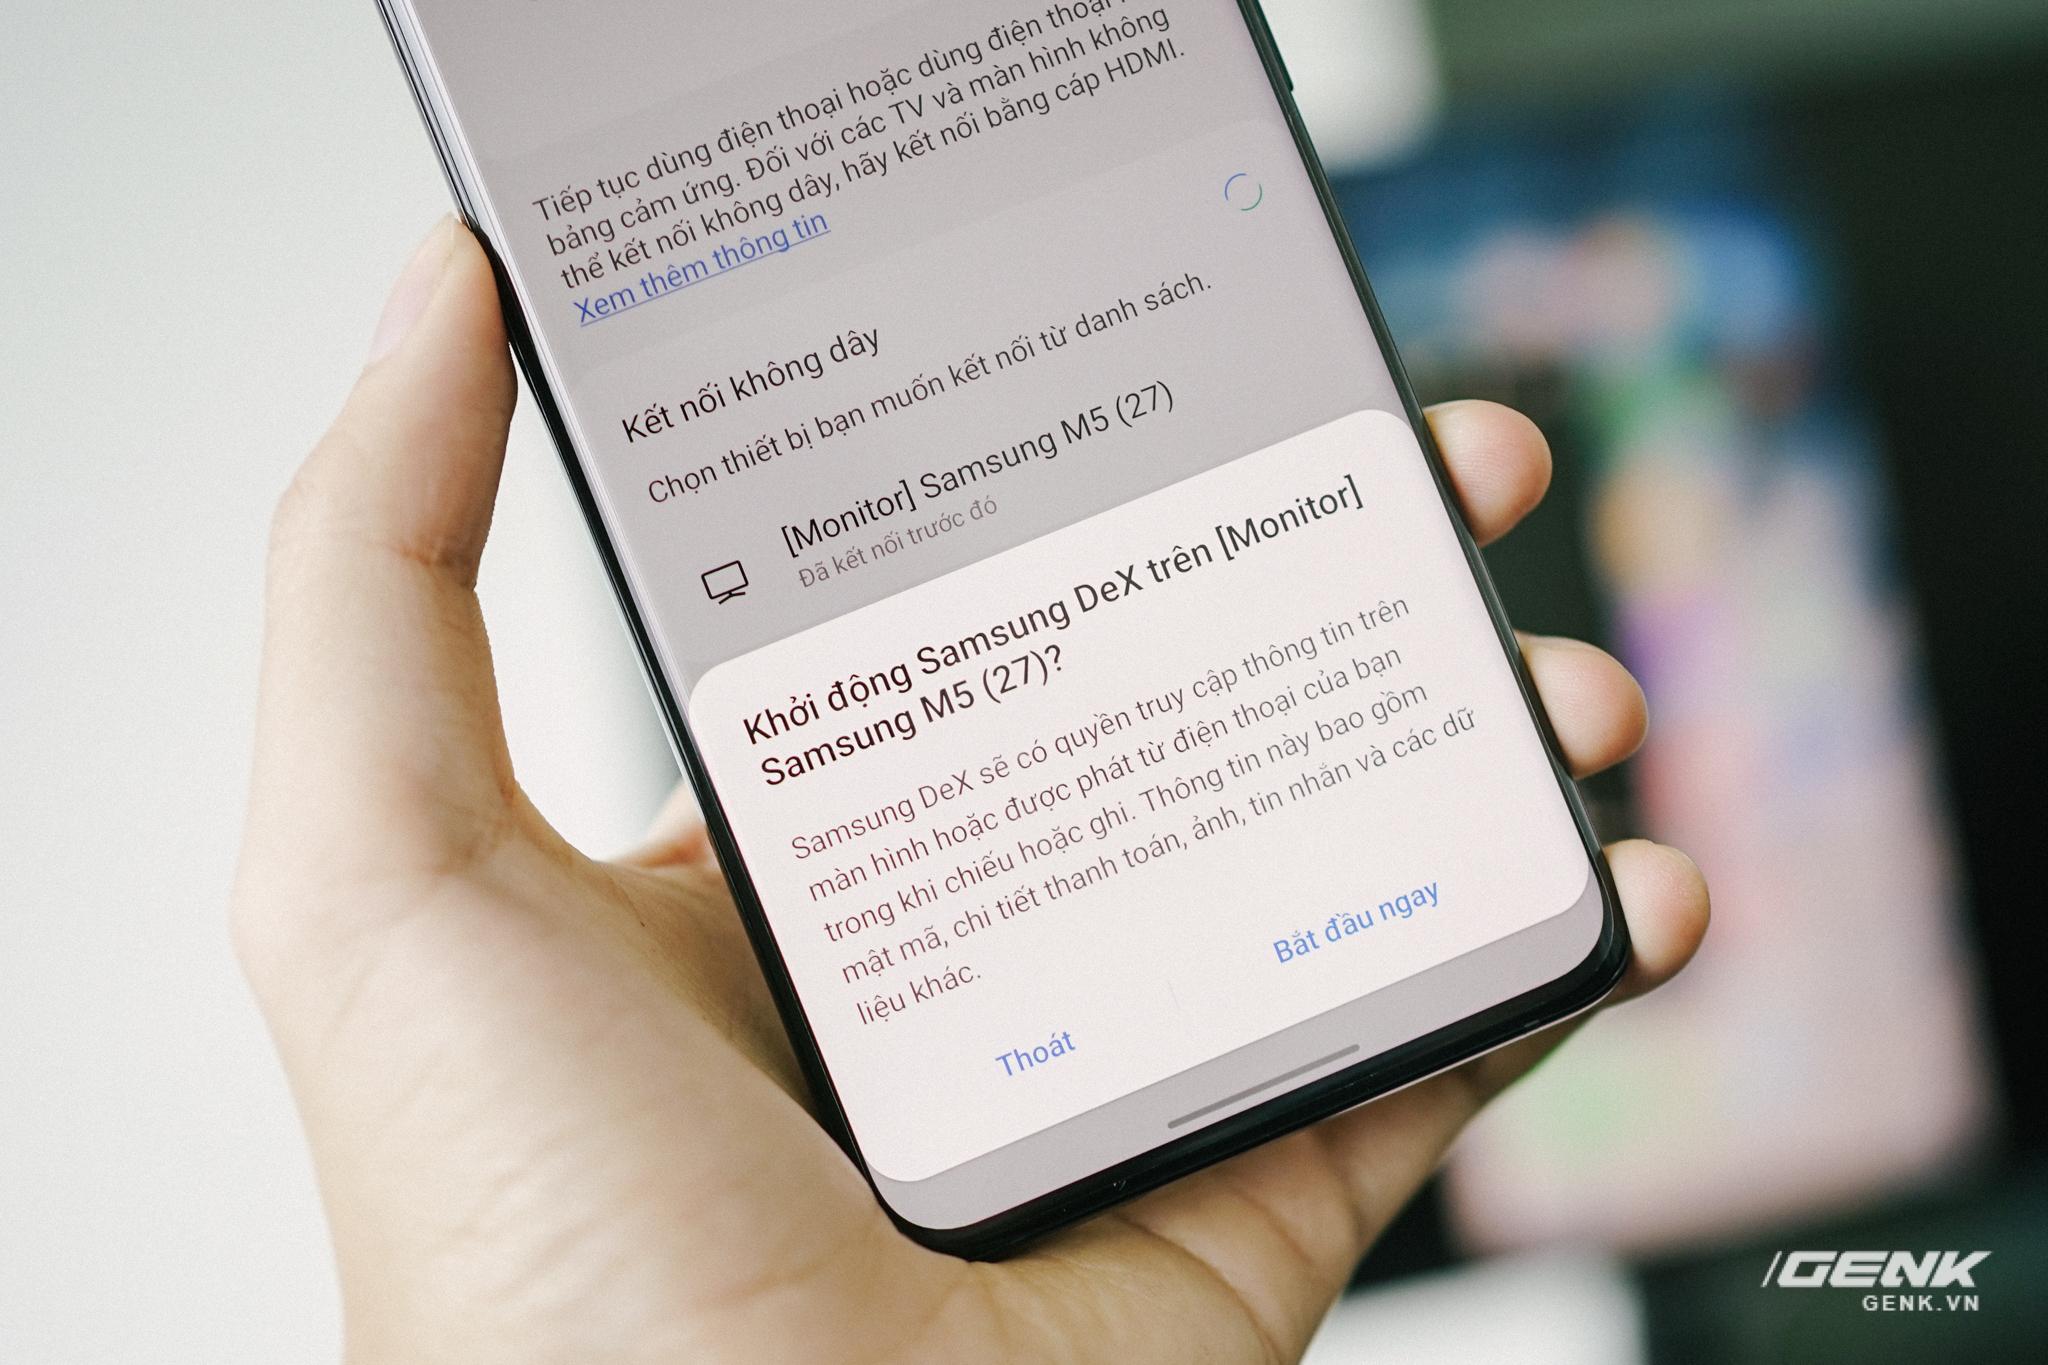 Cận cảnh Samsung M5: Màn hình thông minh mới của Samsung có thể hoạt động độc lập không cần máy tính, giá từ 7 triệu đồng - Ảnh 7.